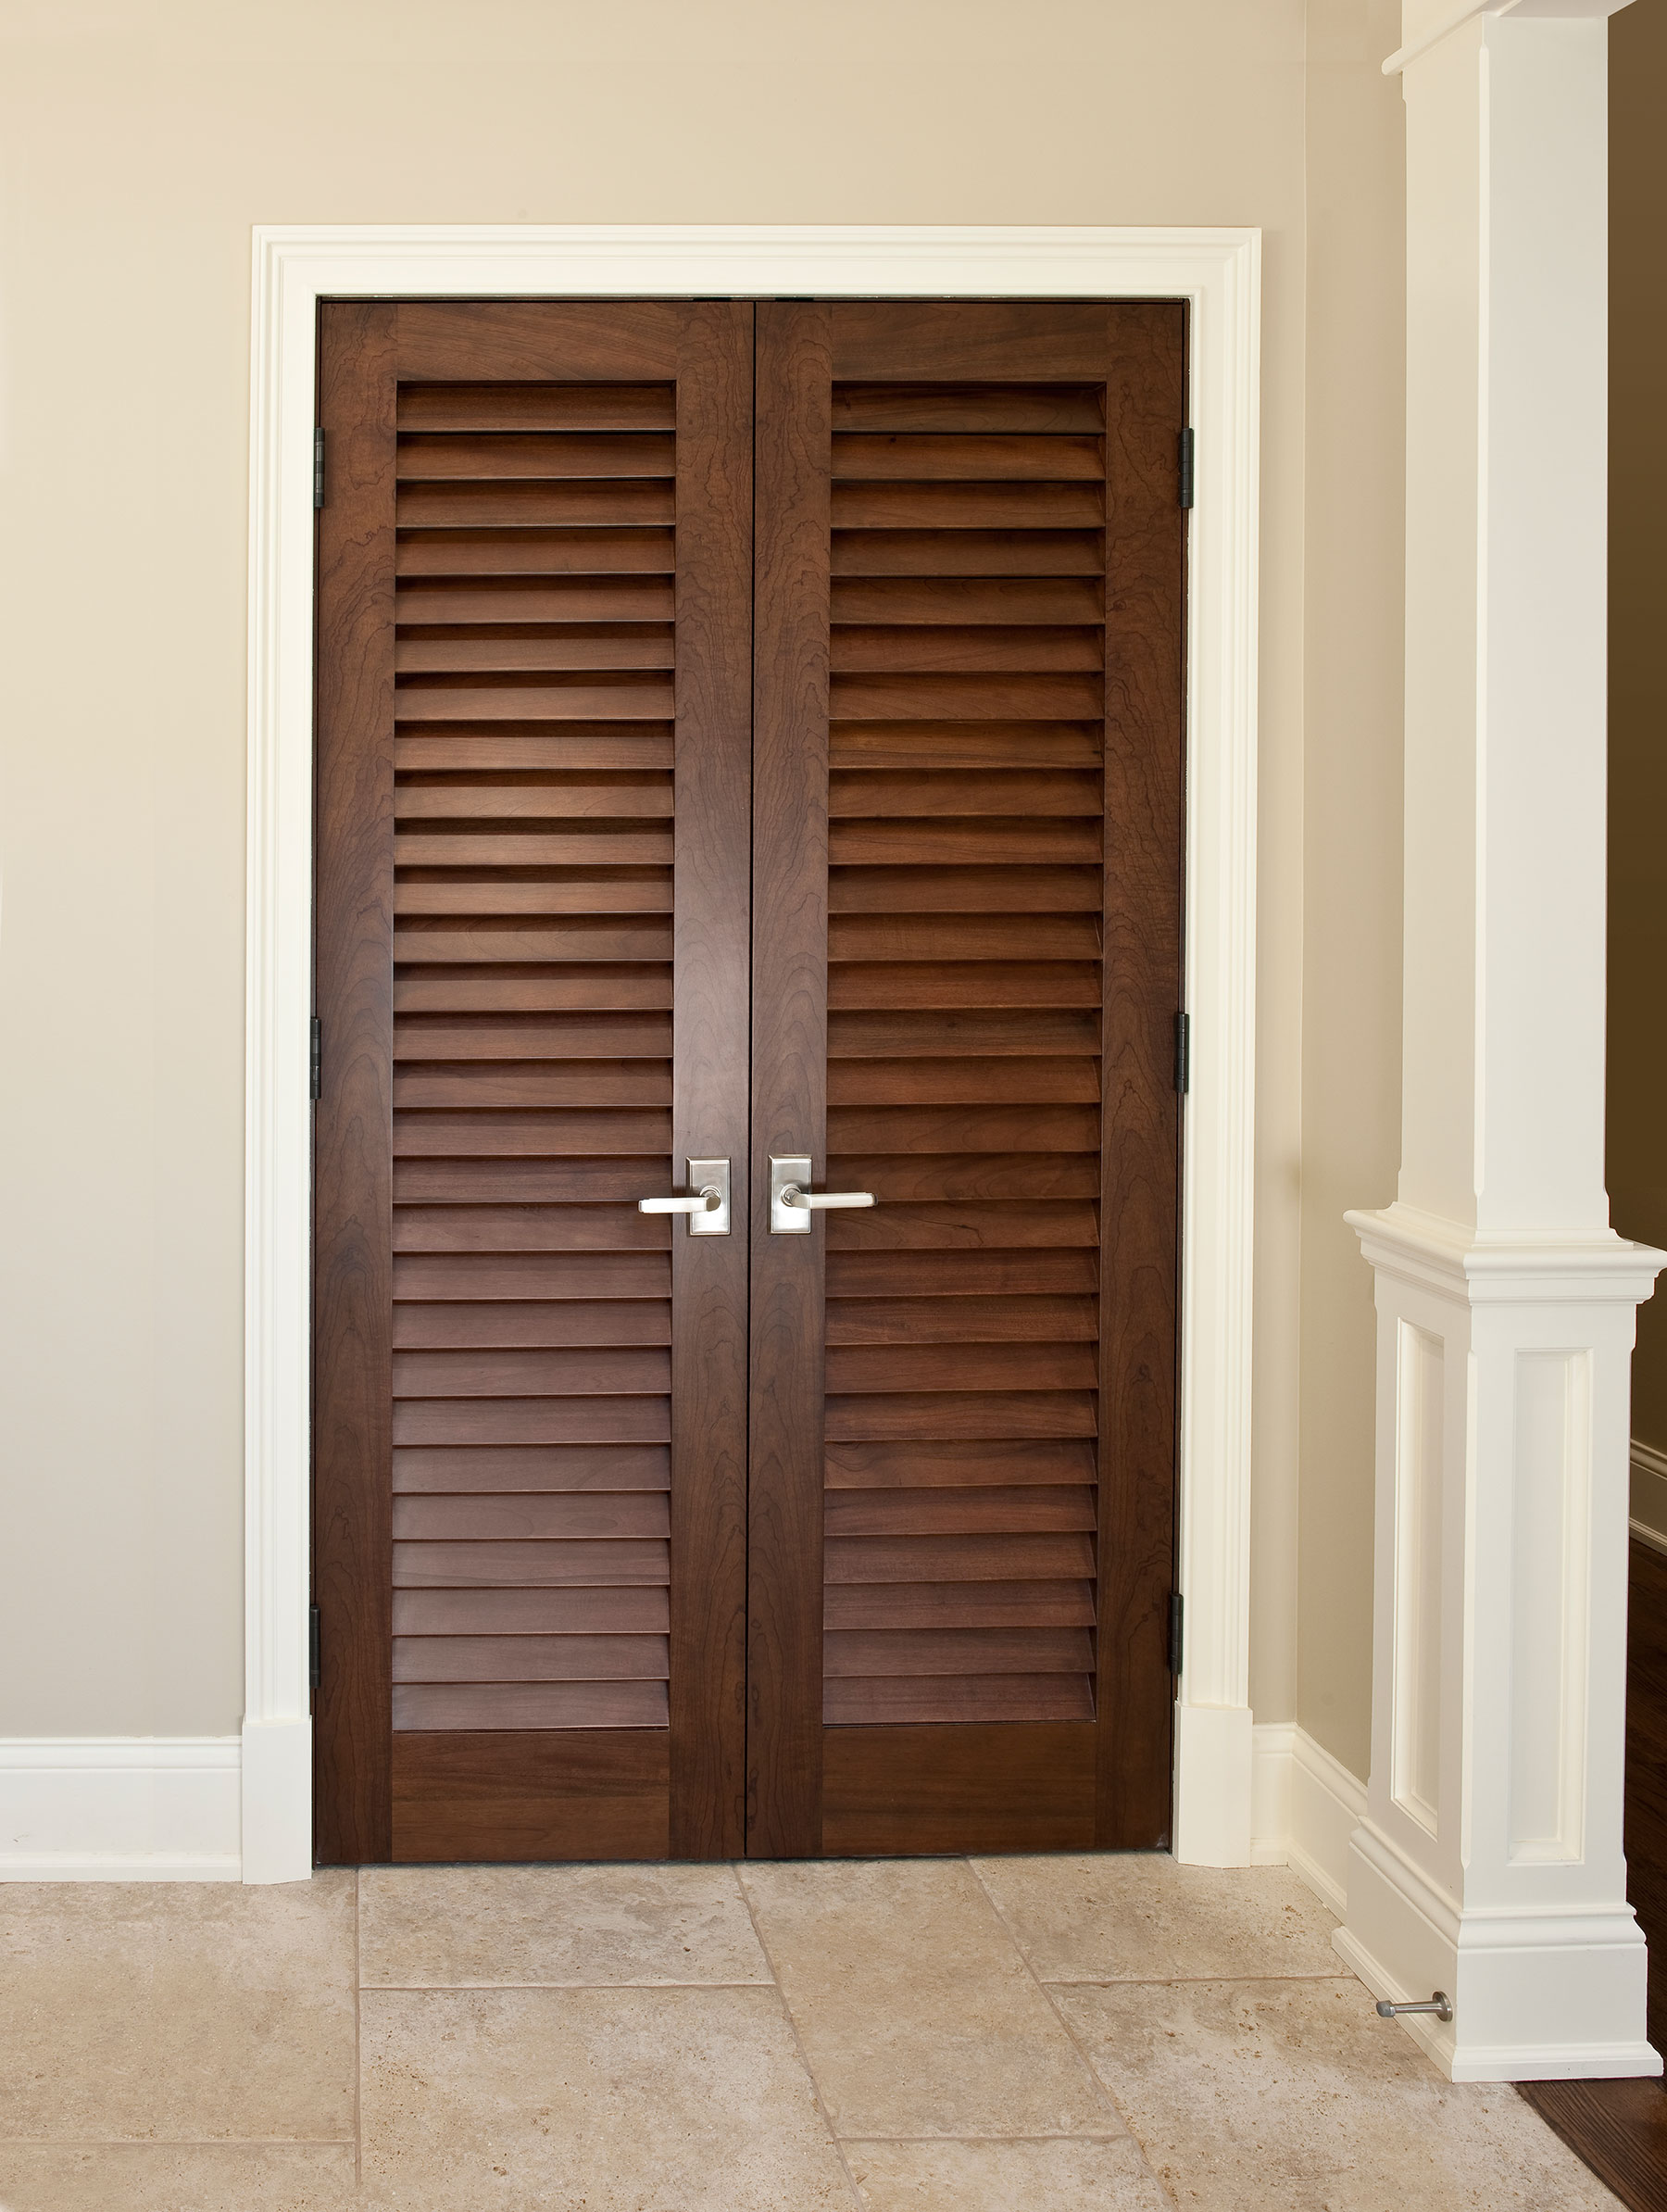 Interior Door Custom Double Solid Wood With Walnut